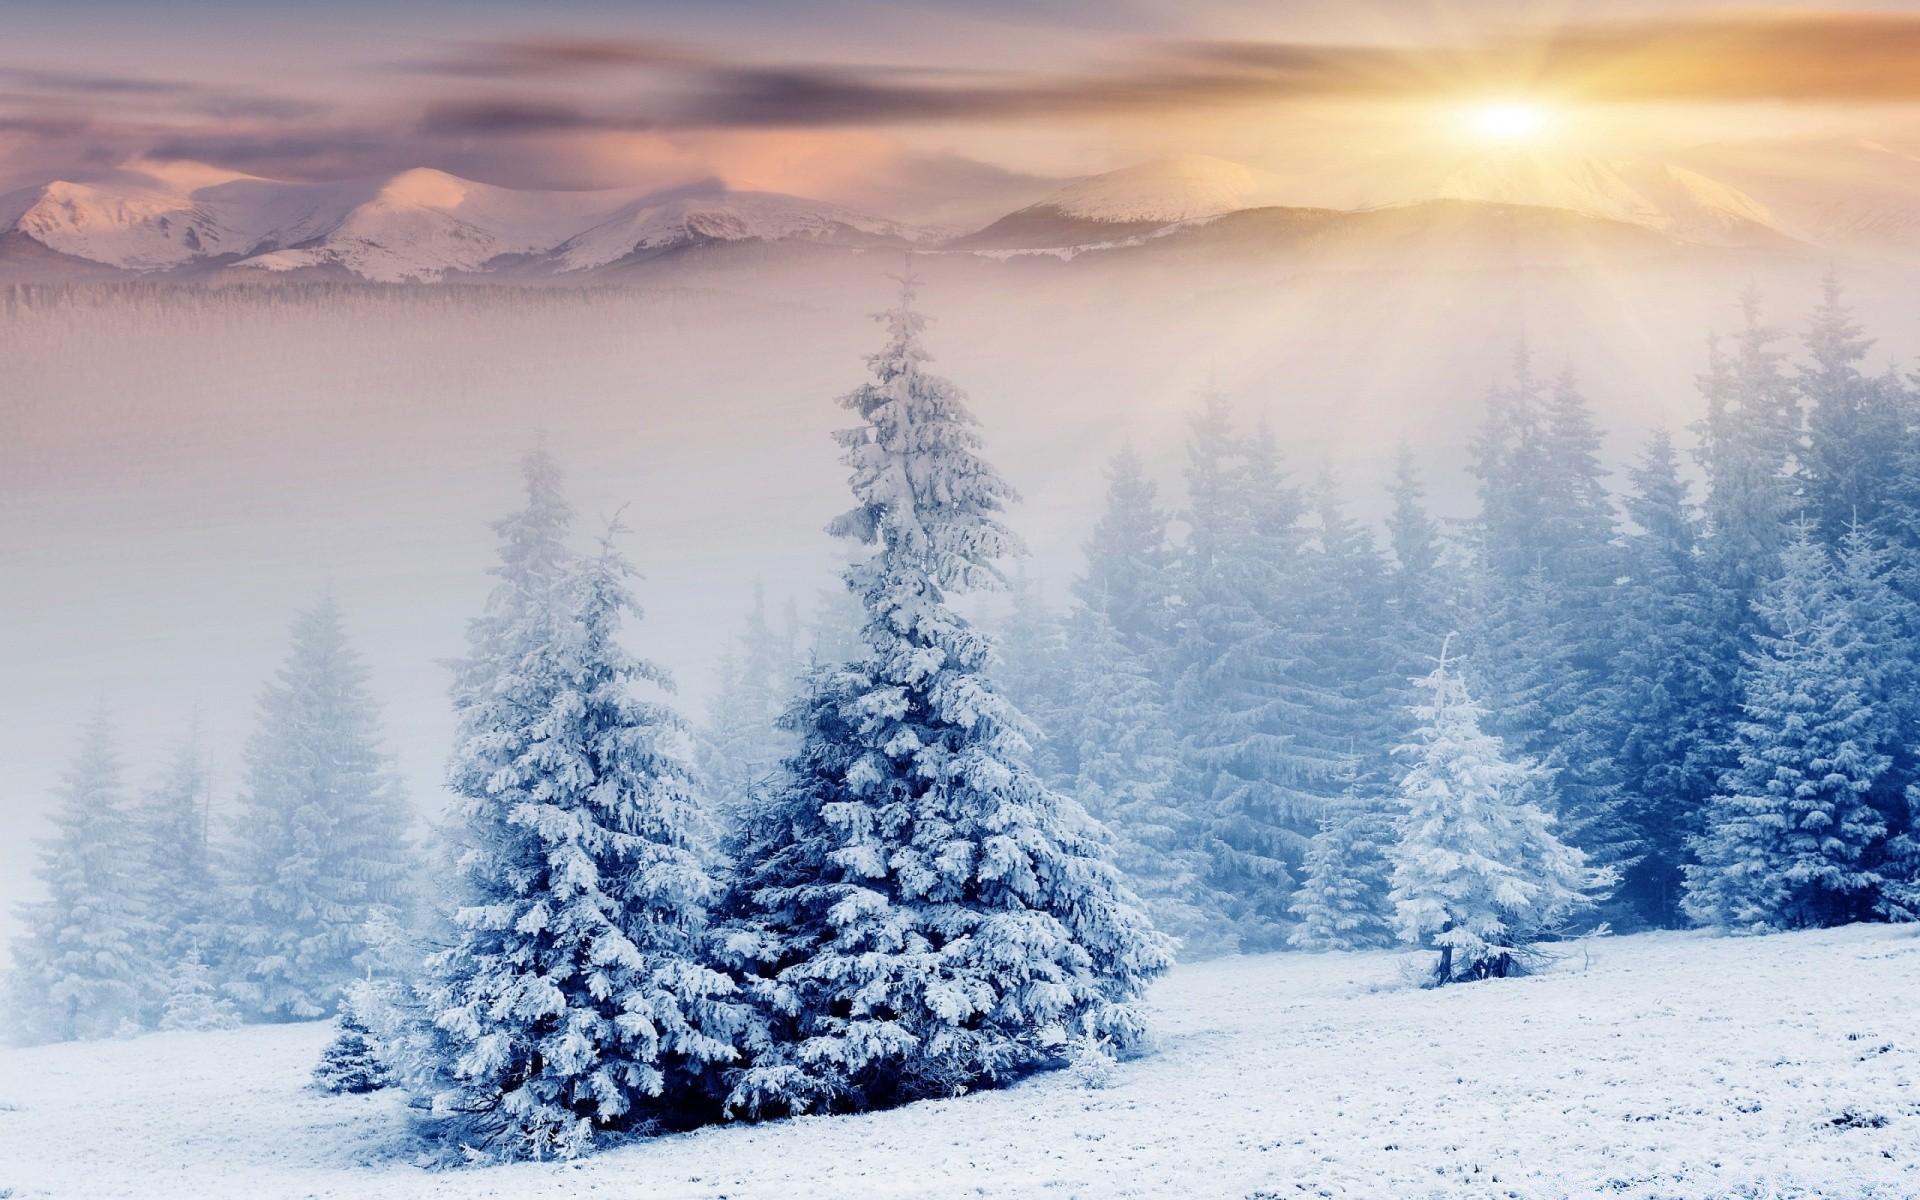 Новый год фото красивые природа, поздравление днем